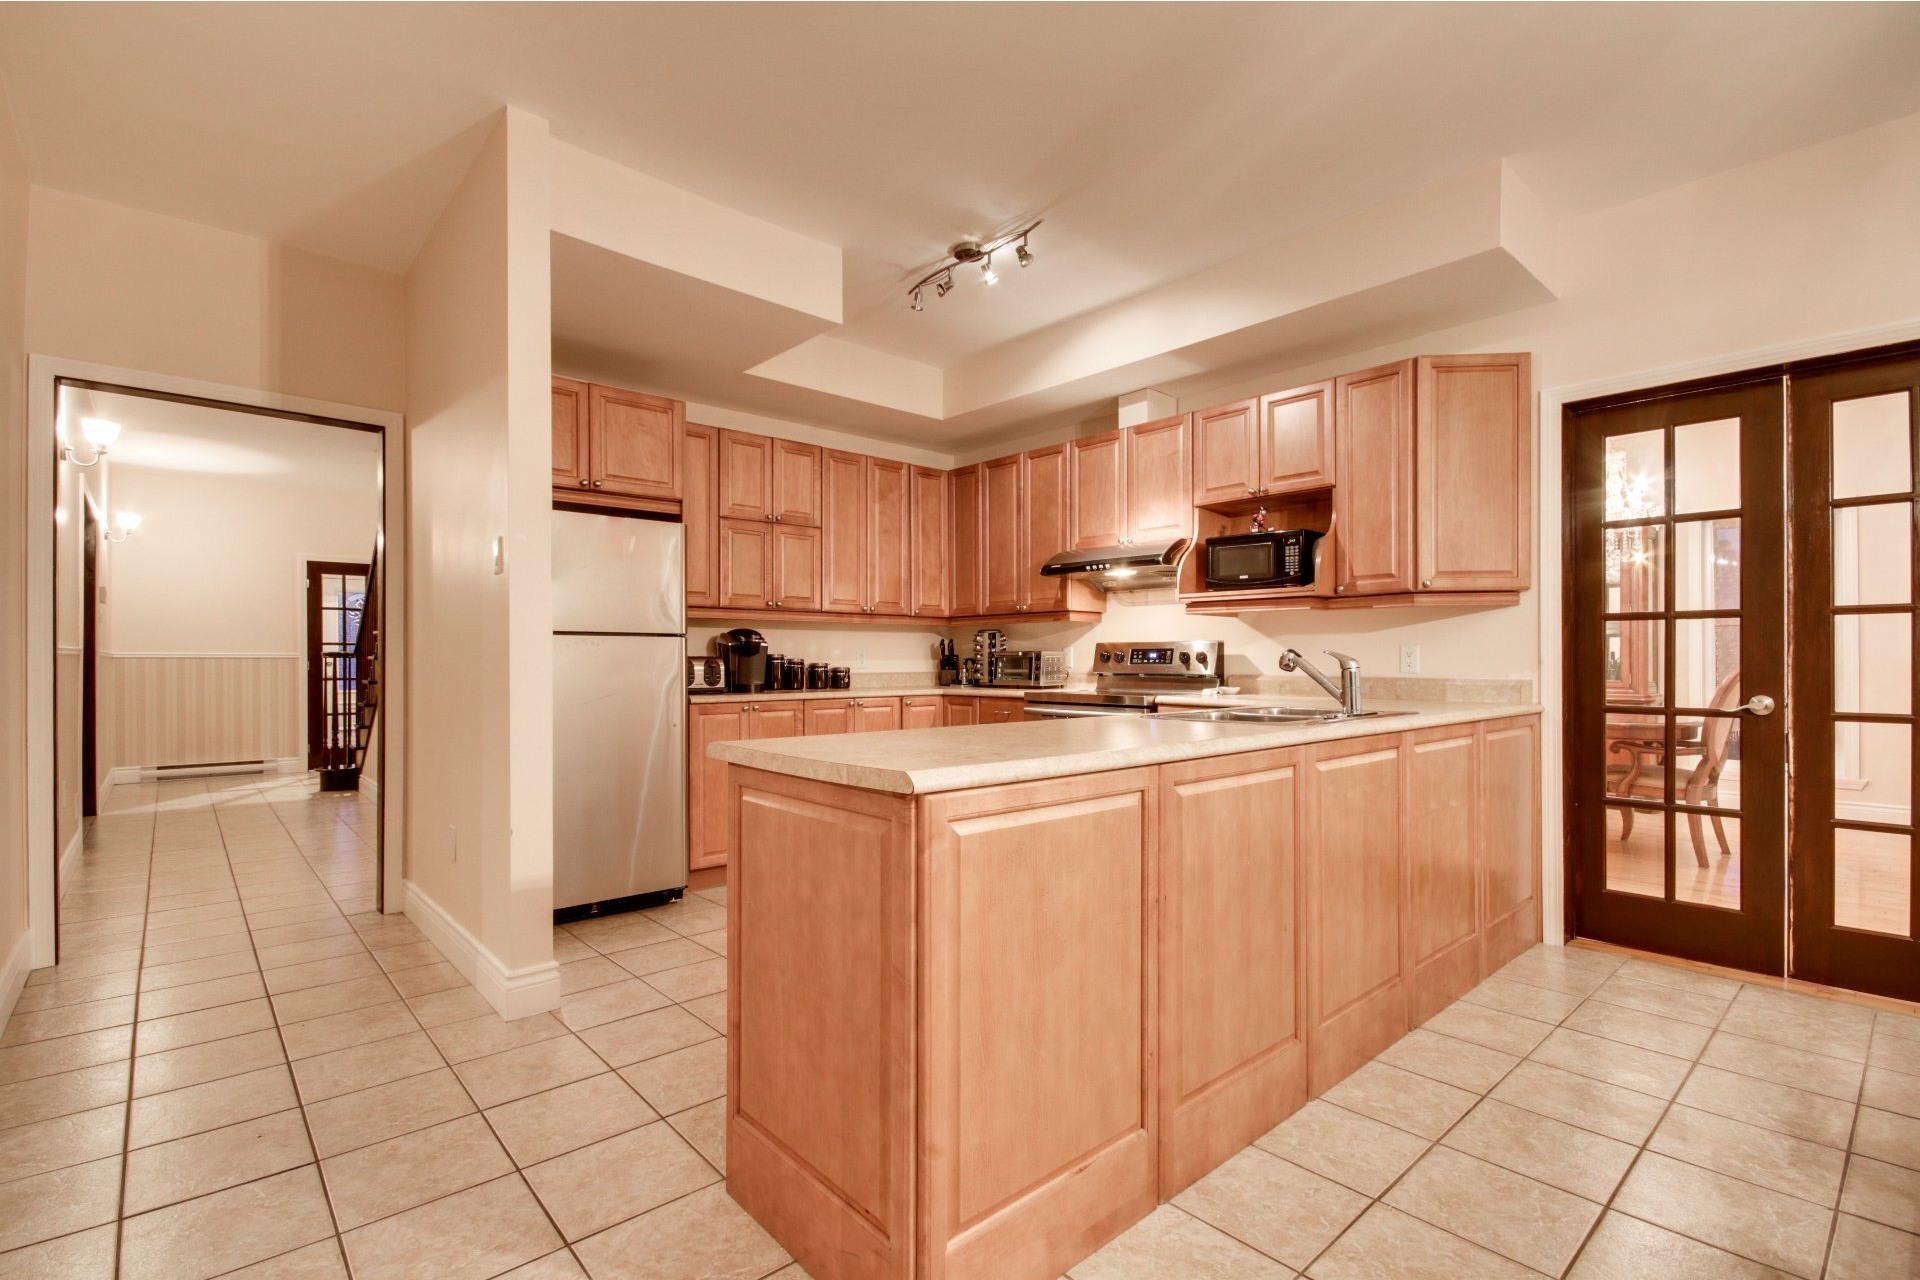 image 5 - House For sale Trois-Rivières - 20 rooms